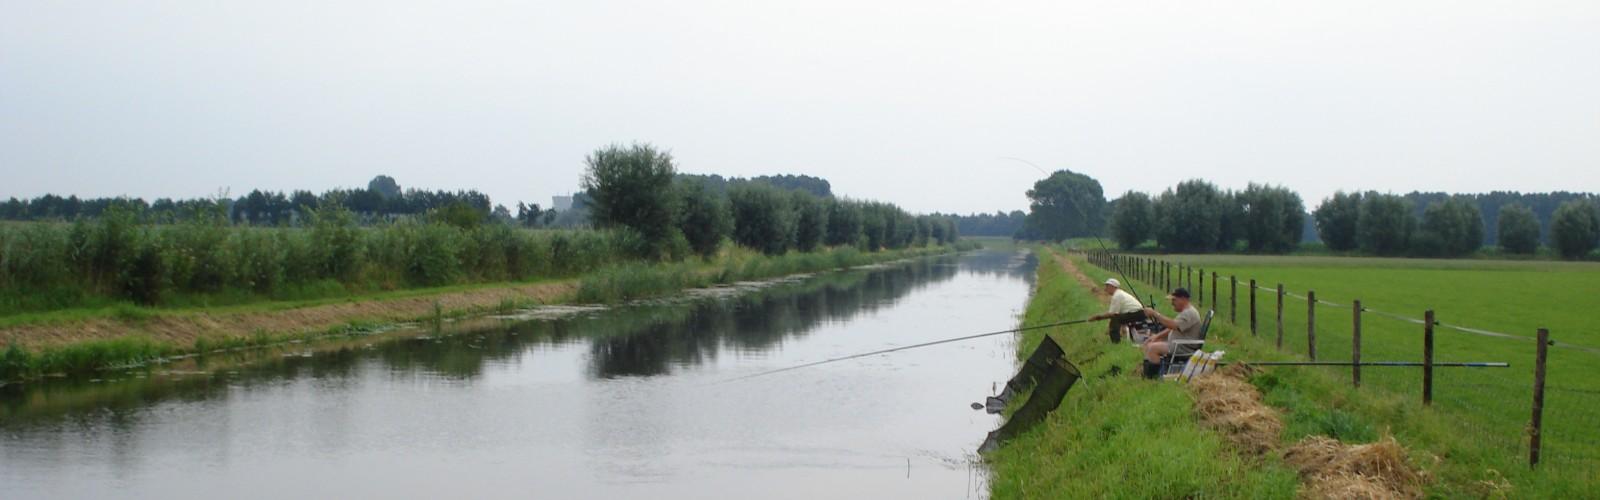 Duurzaamheidsvisie gemeente Meierijstad